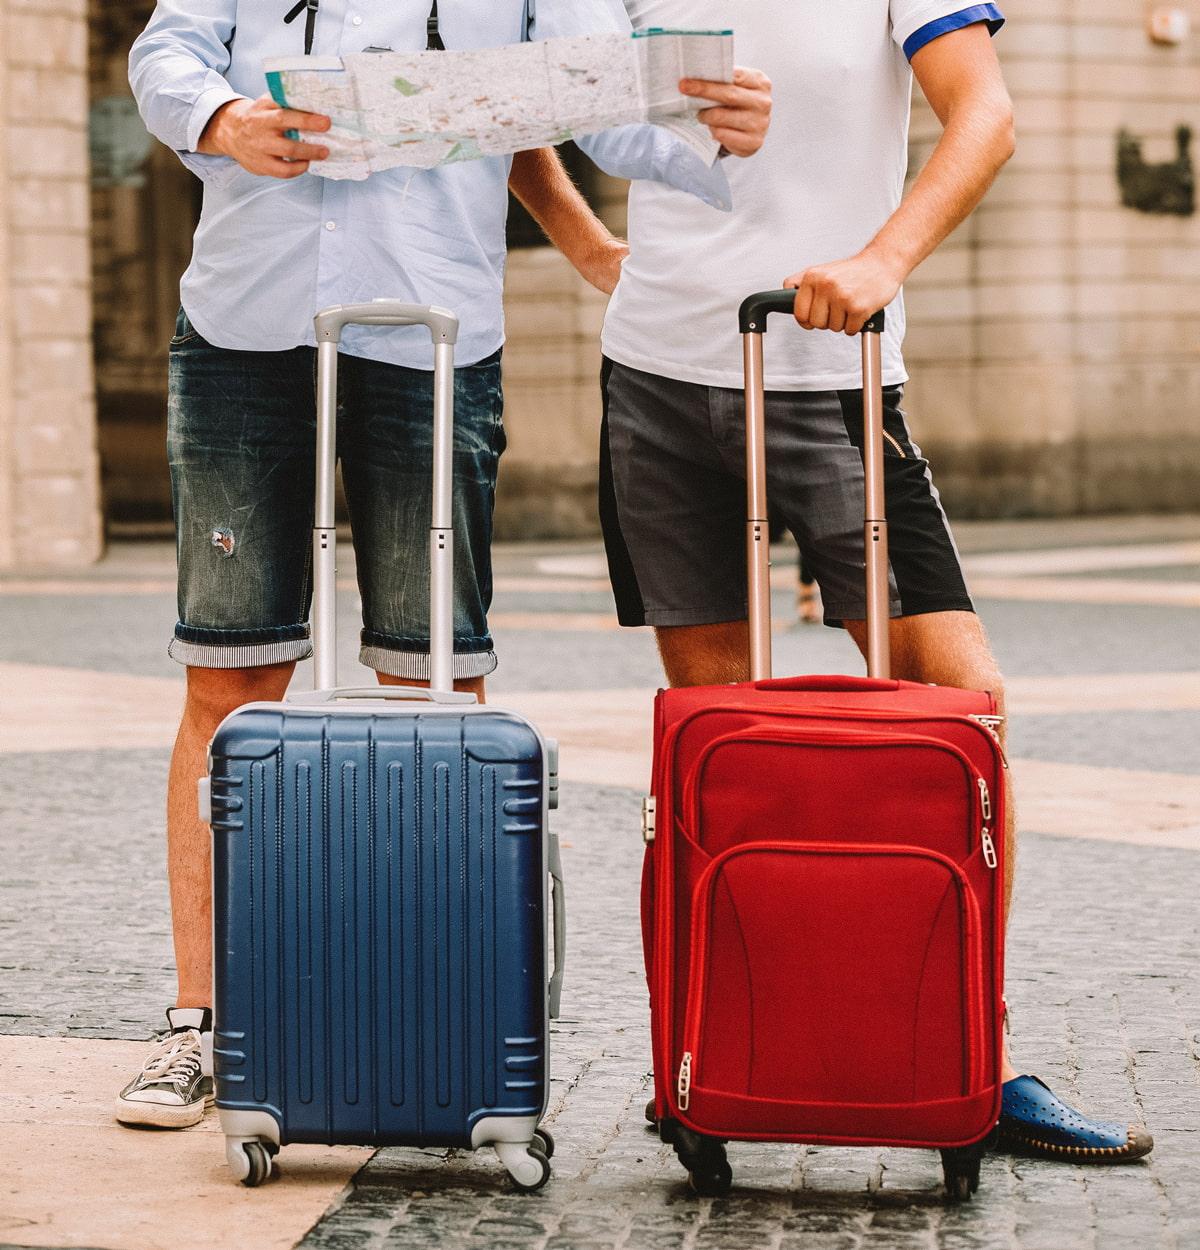 Hard Luggage vs. Soft Luggage